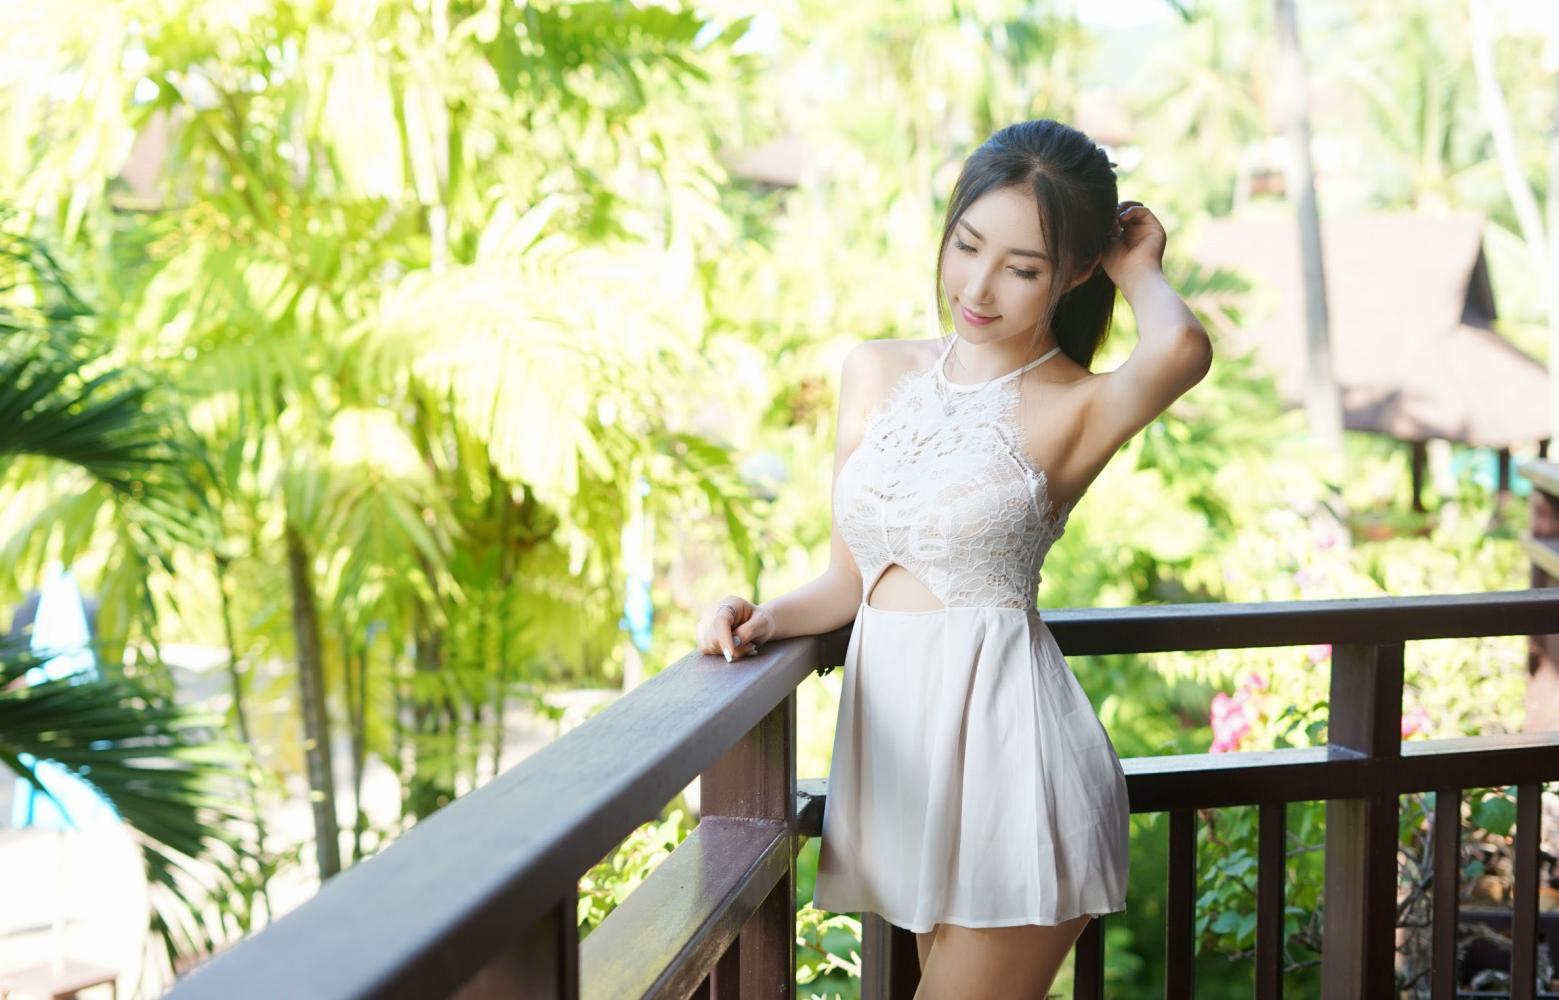 最美的瞬间, 连衣裙的美, 淡淡的优雅气息, 尽显高贵的气质 5